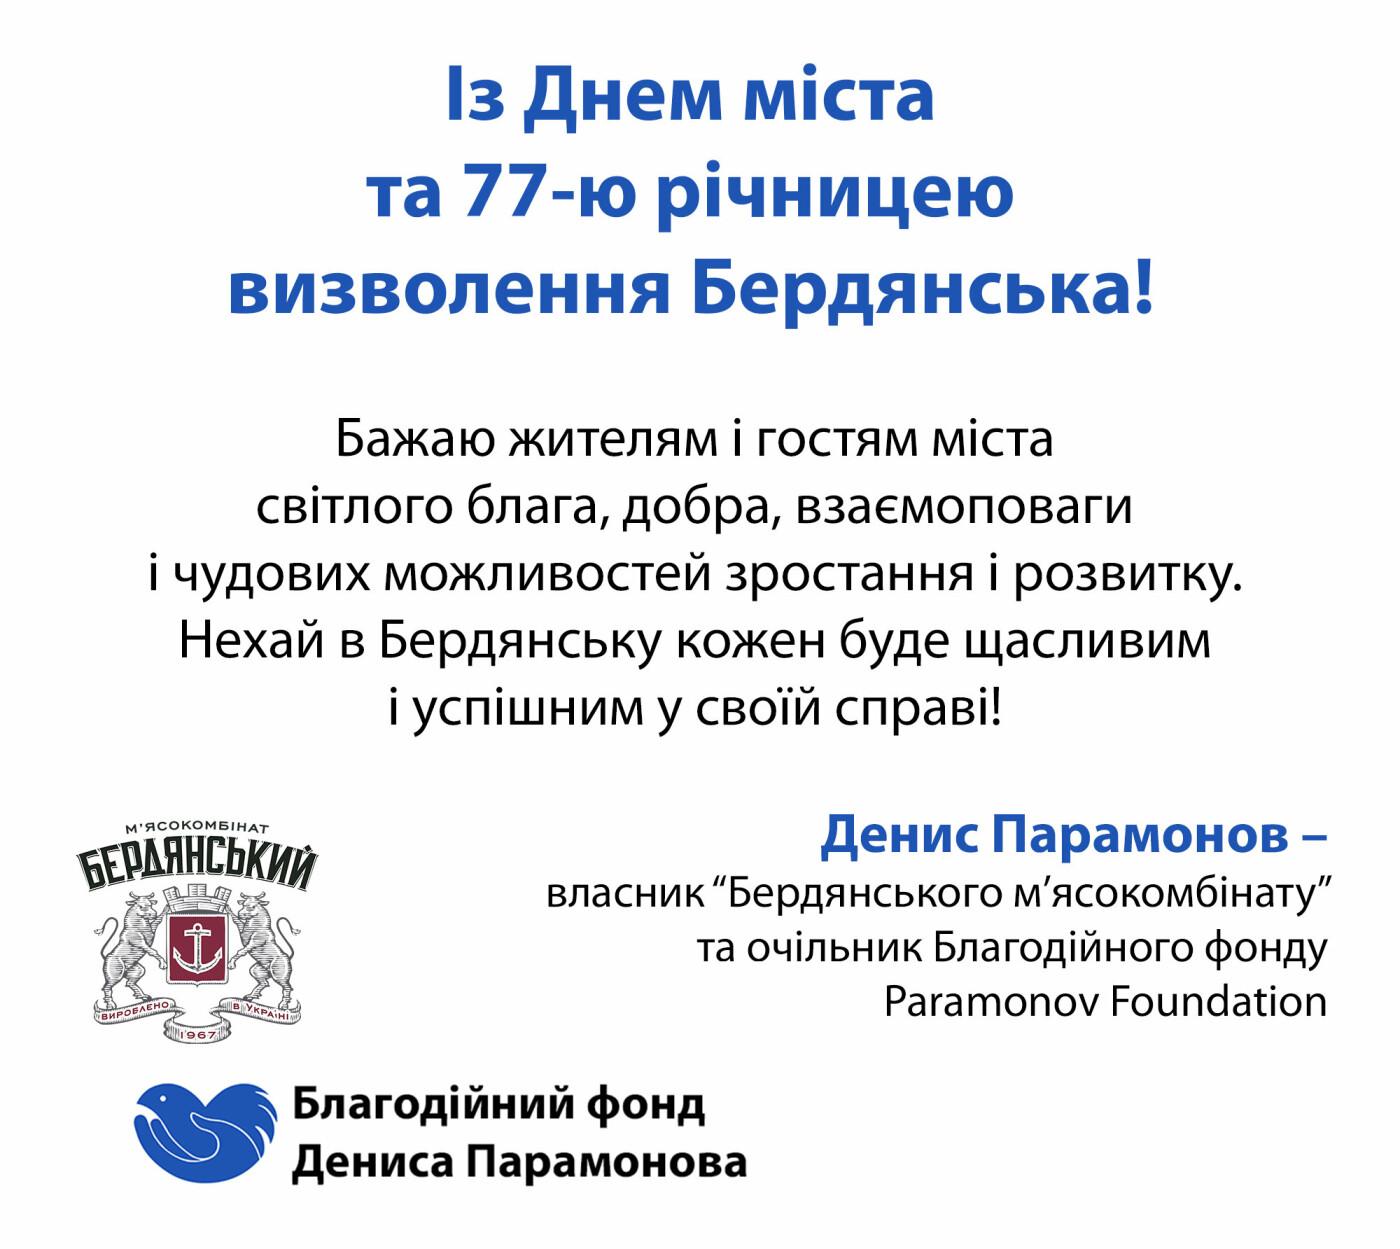 """Вітання  від власника """"Бердянского м'ясокомбінату"""" та очільника Благодійного фонду Paramonov Foundation з Днем міста, фото-1"""